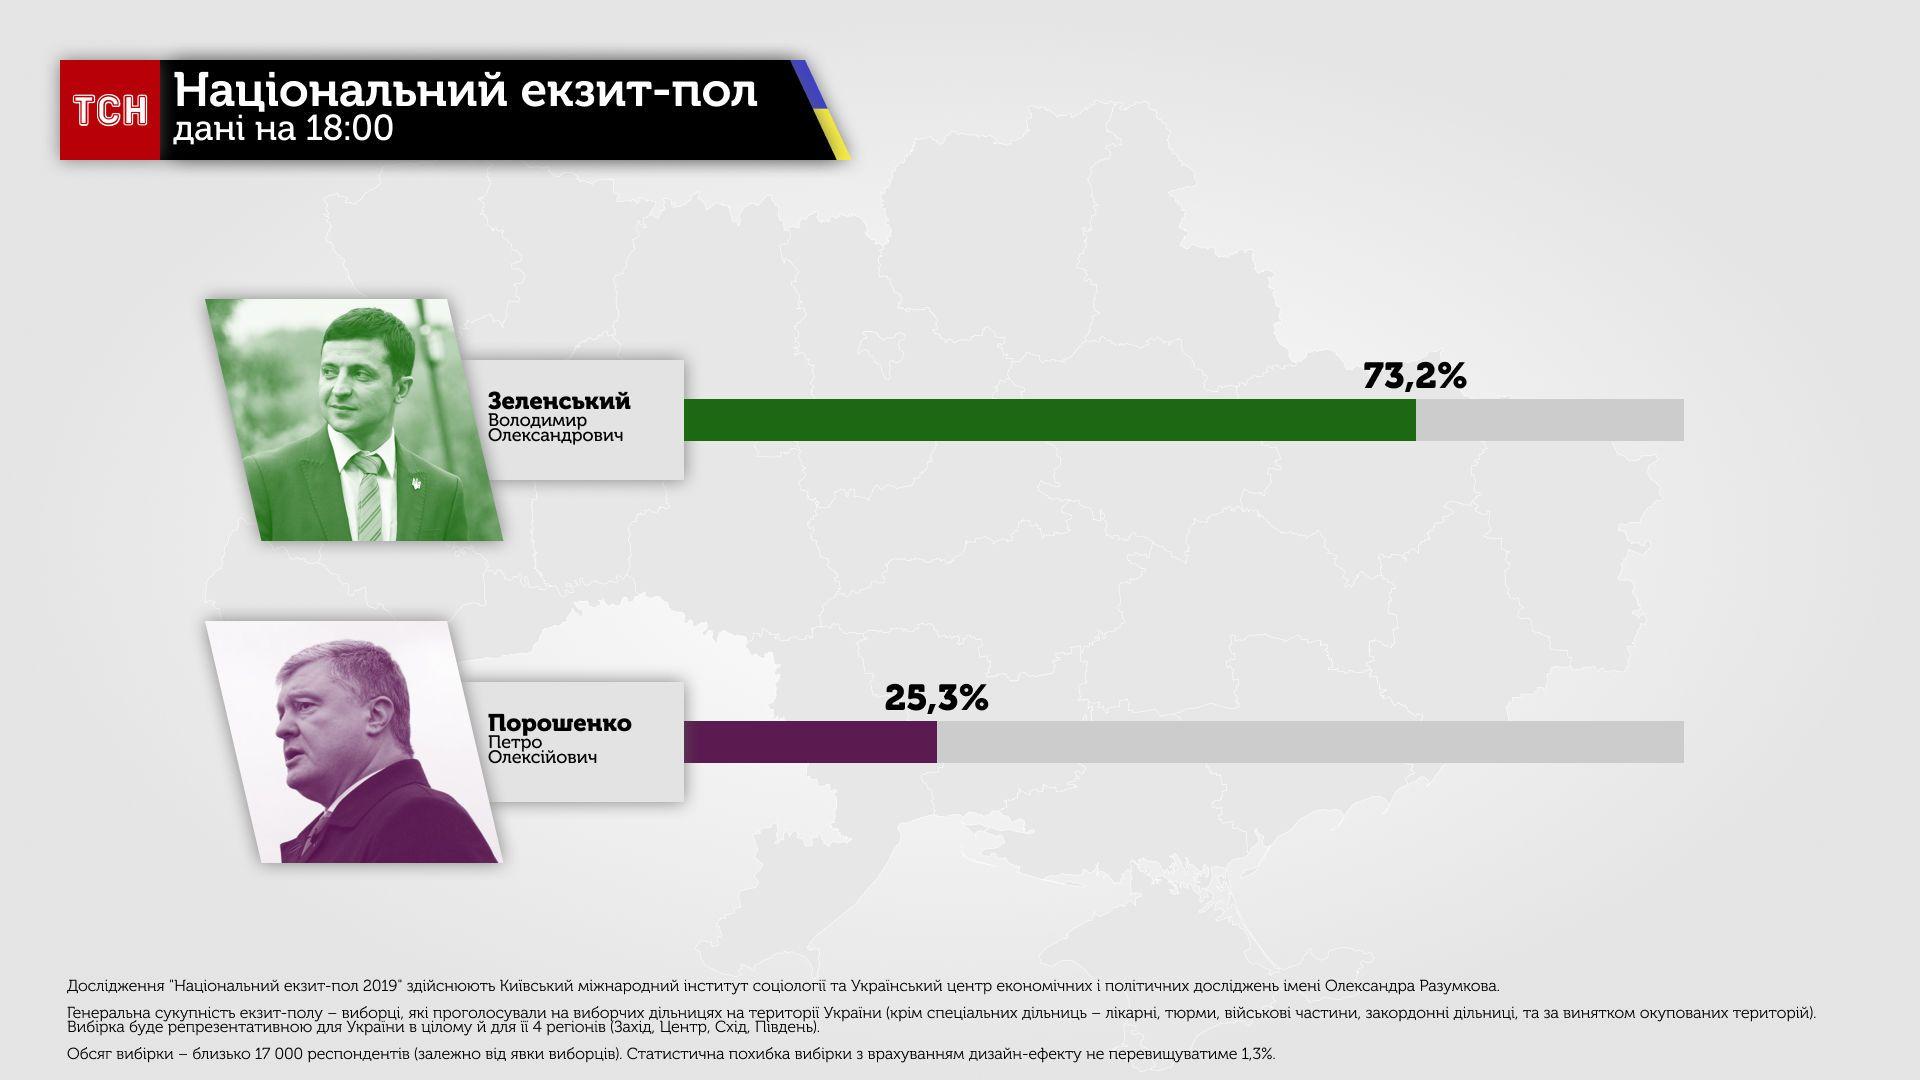 Экзит-полы: Зеленский набирает 73% и больше